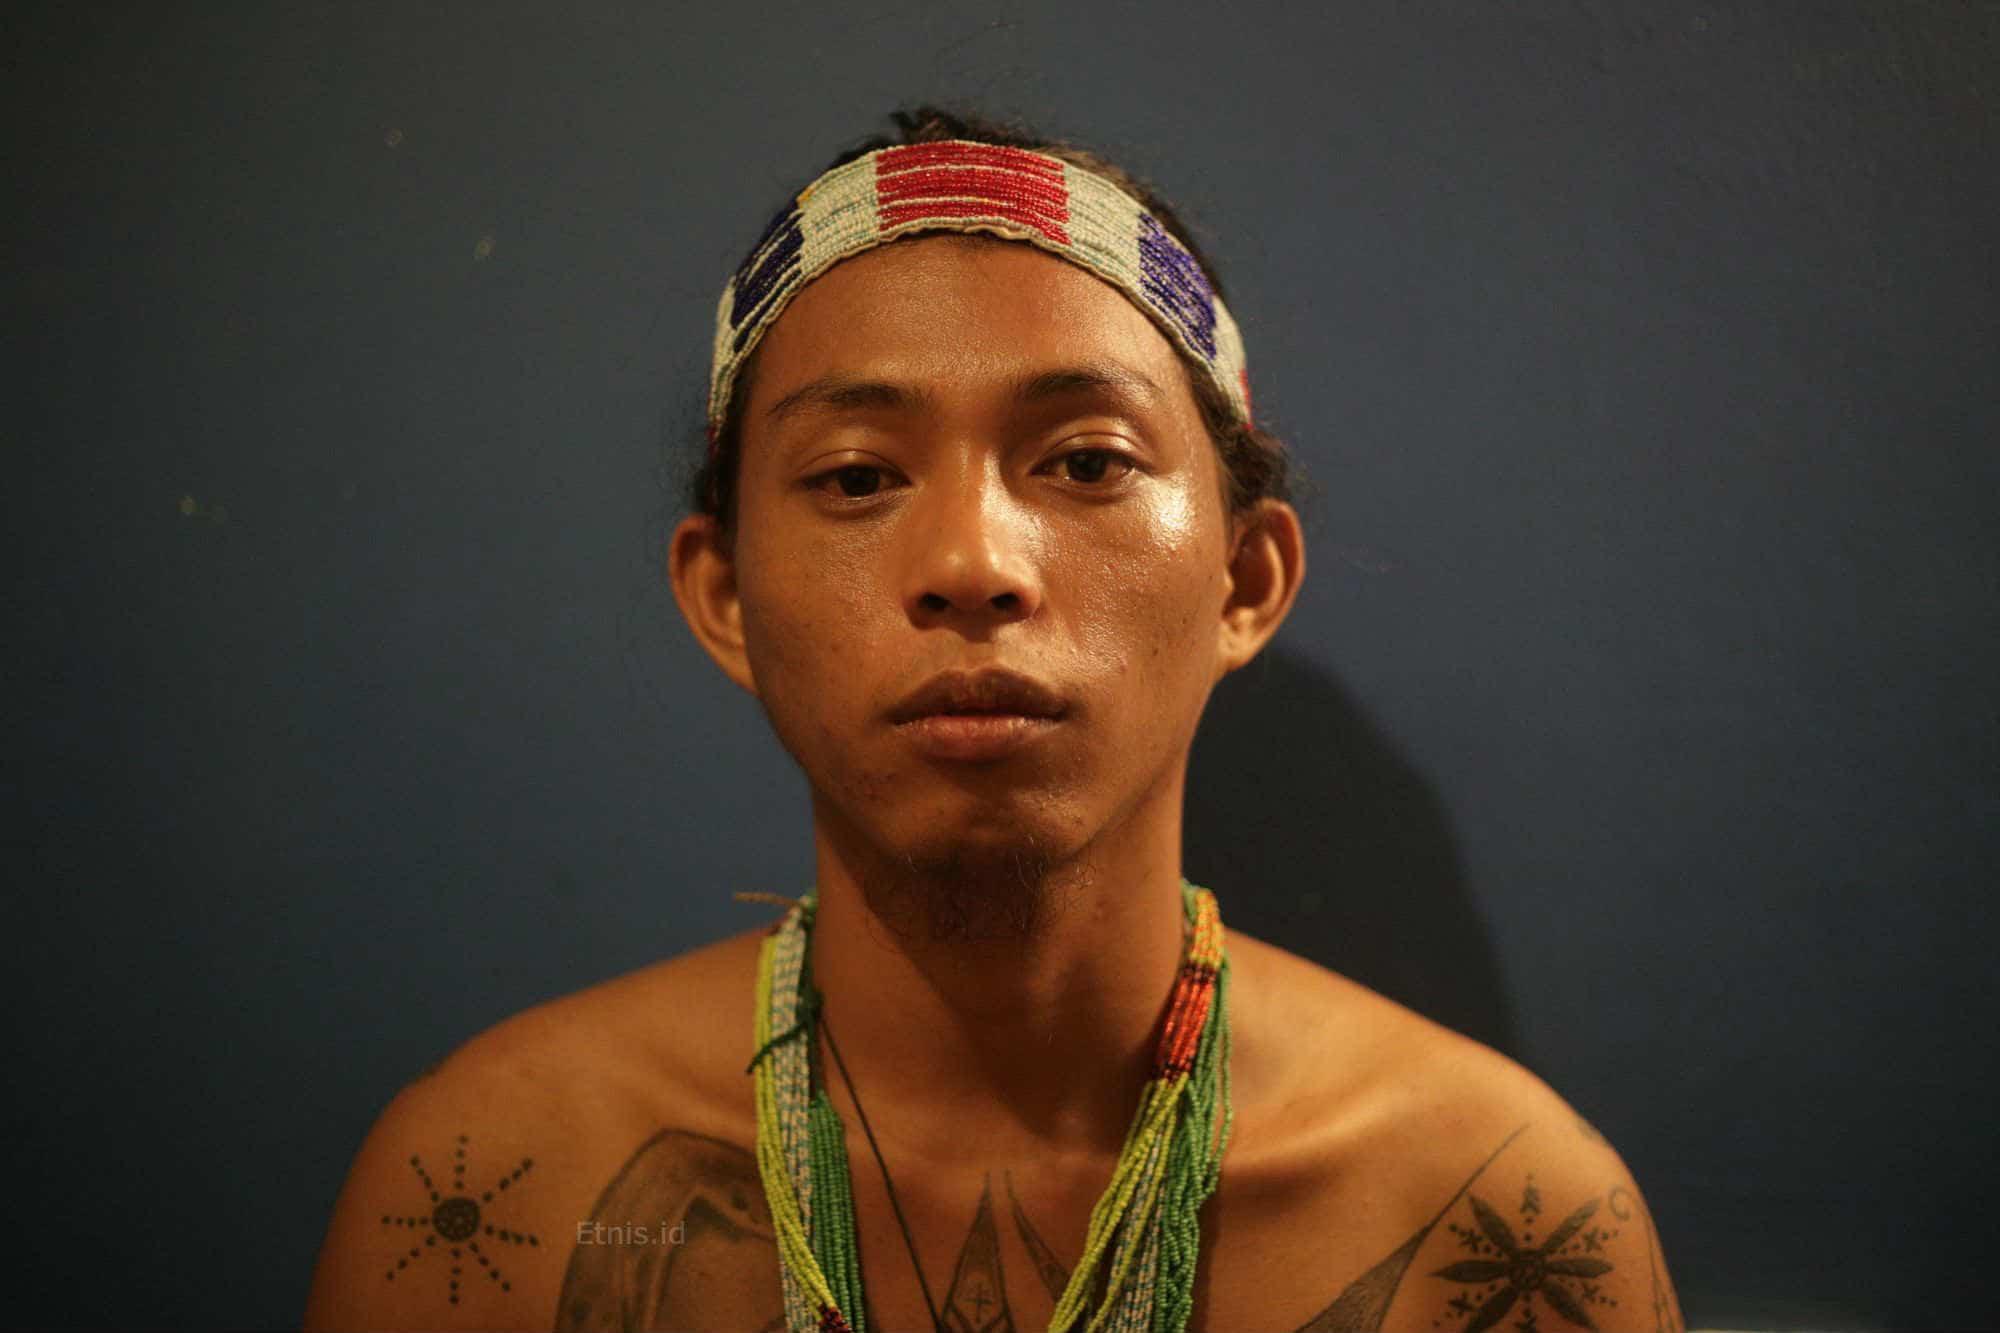 Bayang-bayang Opresi dalam Tato Orang Mentawai